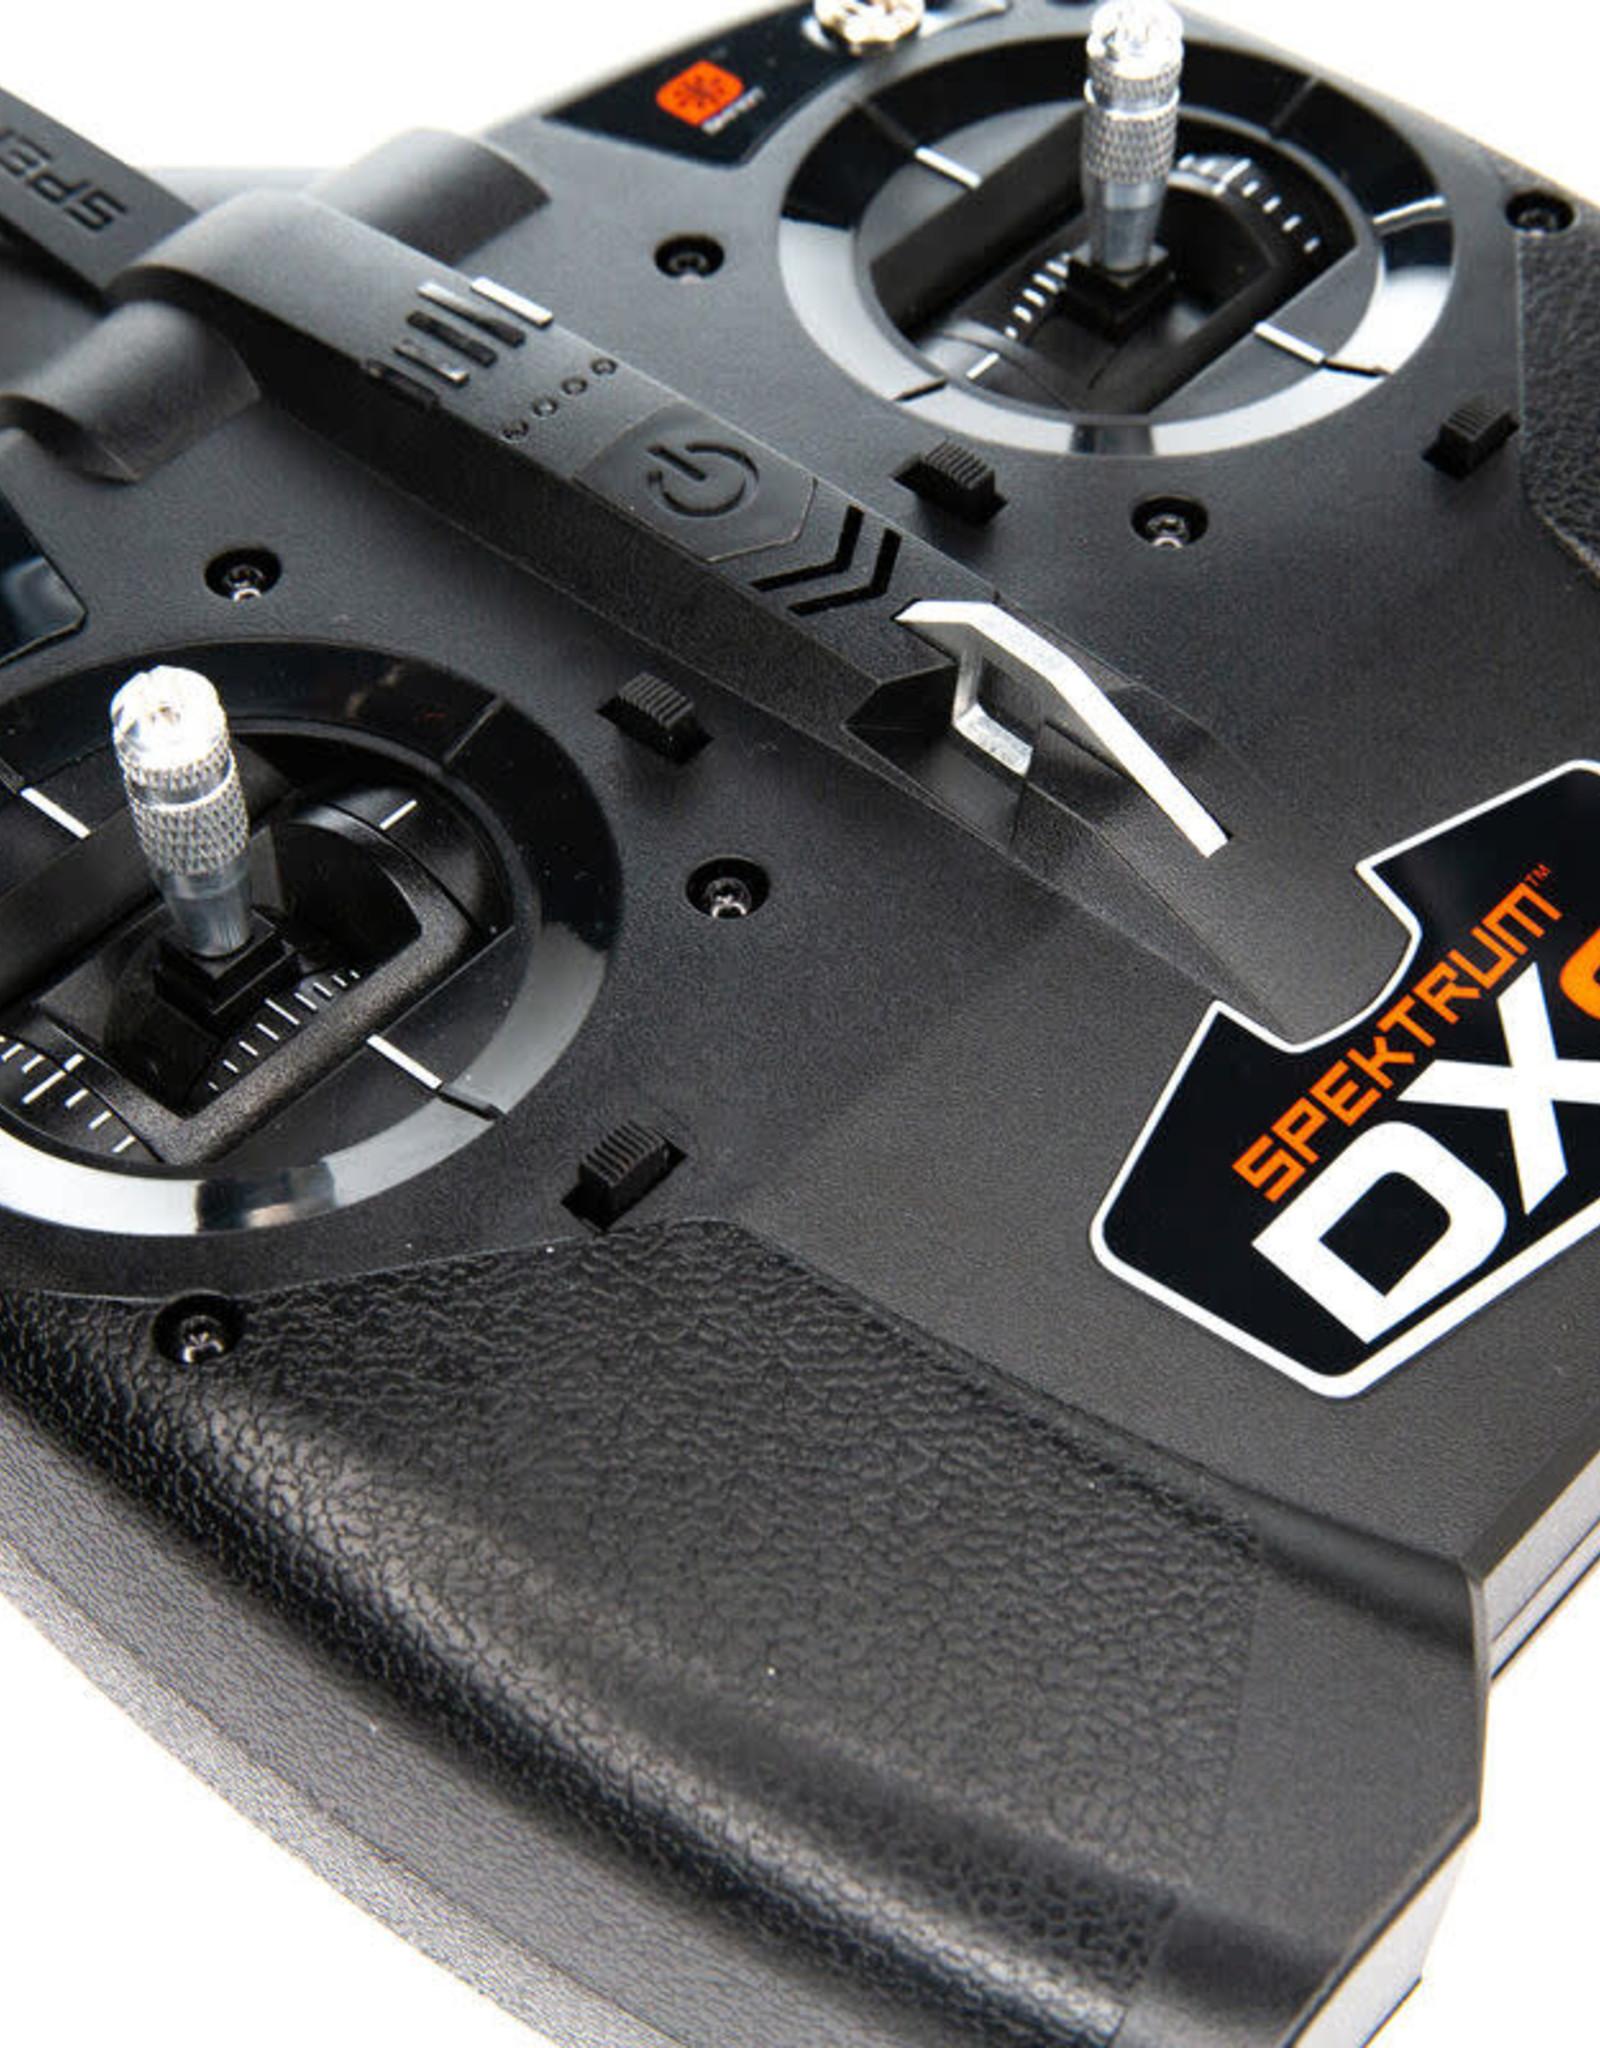 SPM1010 DXS System w/ AR410 Receiver